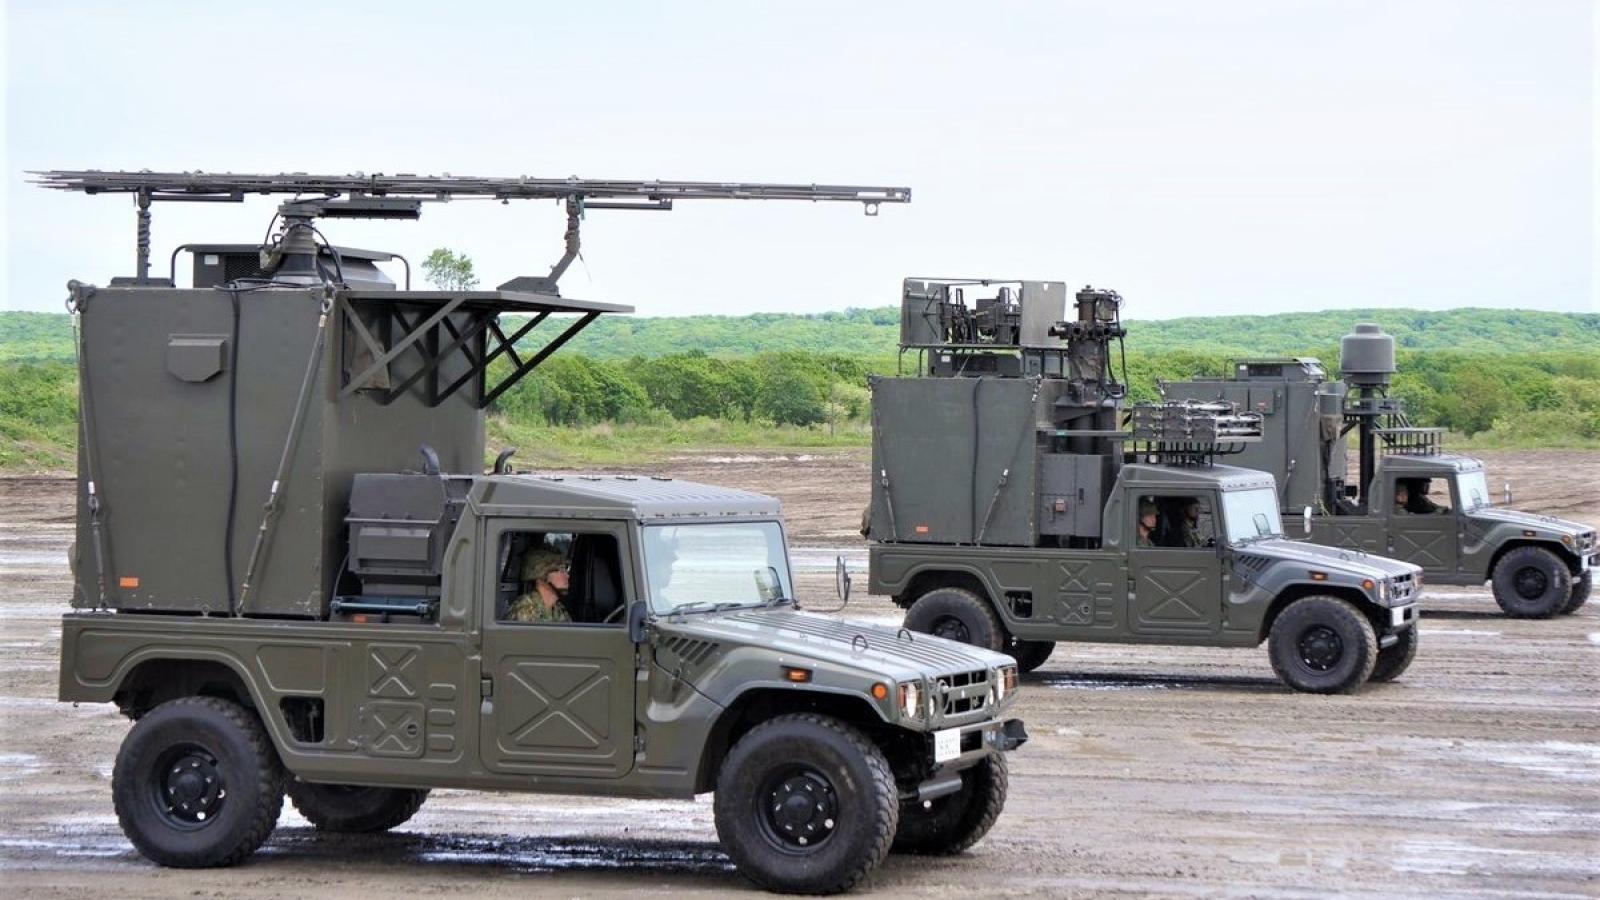 Nhật Bản đưa thiết bị tác chiến điện tử hiện đại vào trang bị